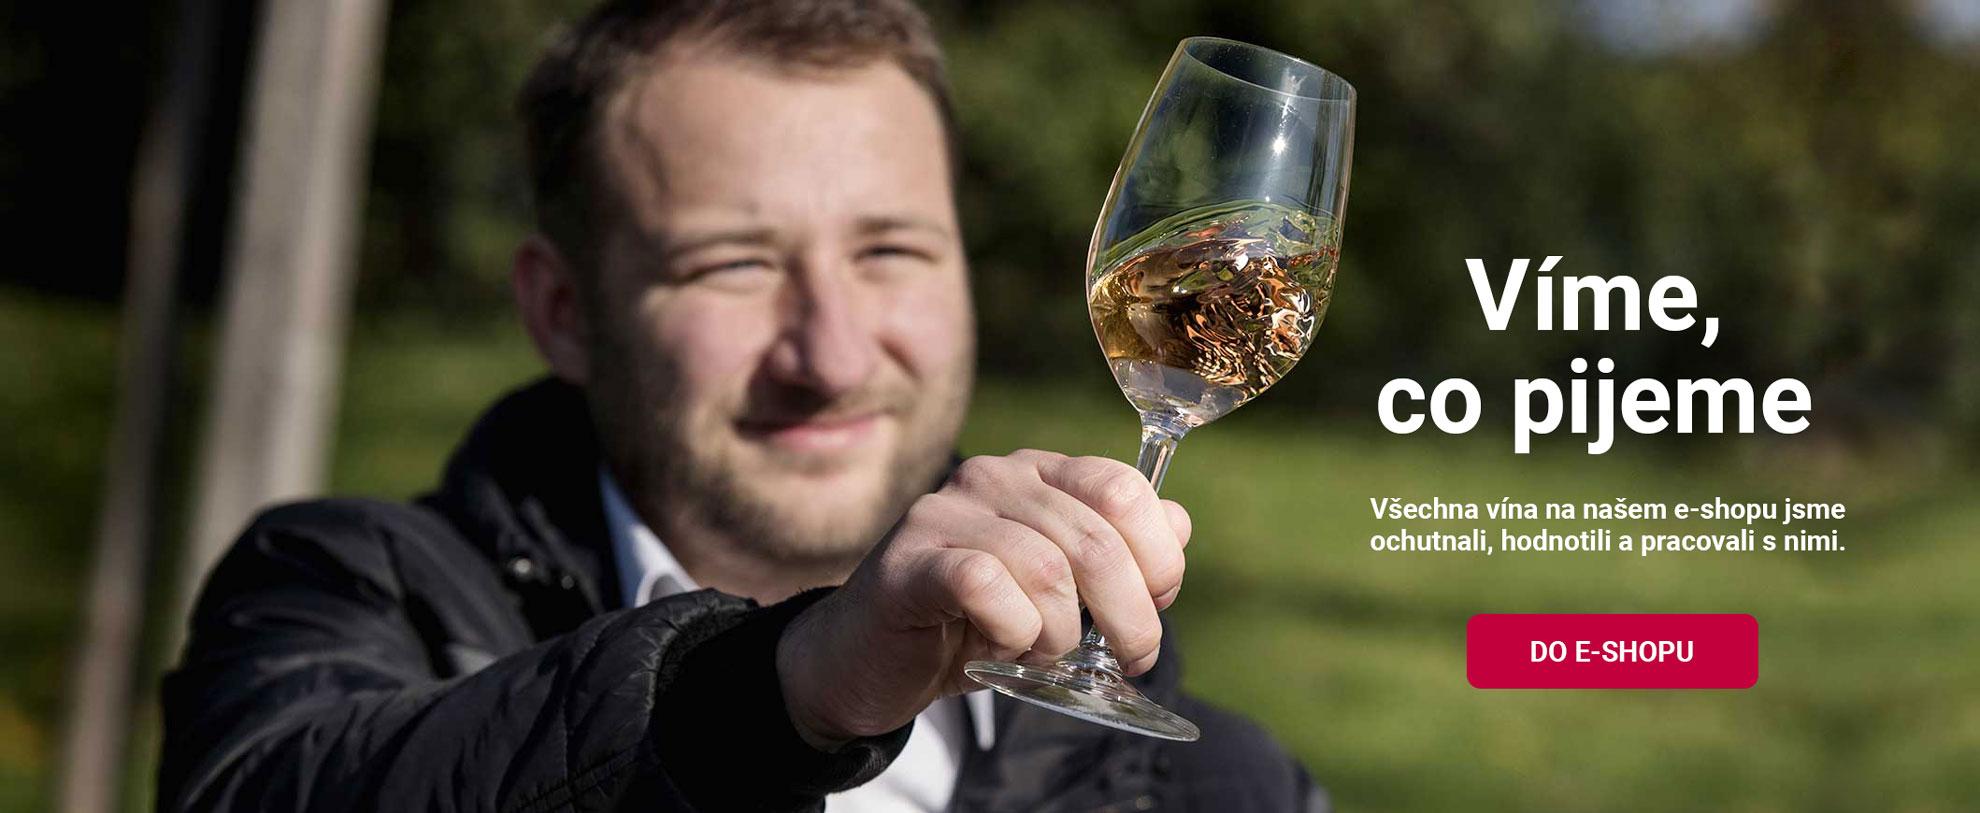 Vína ověřená znalci, nejlépe hodnocená vína | Zkusvíno.cz | e-shop s kvalitními víny